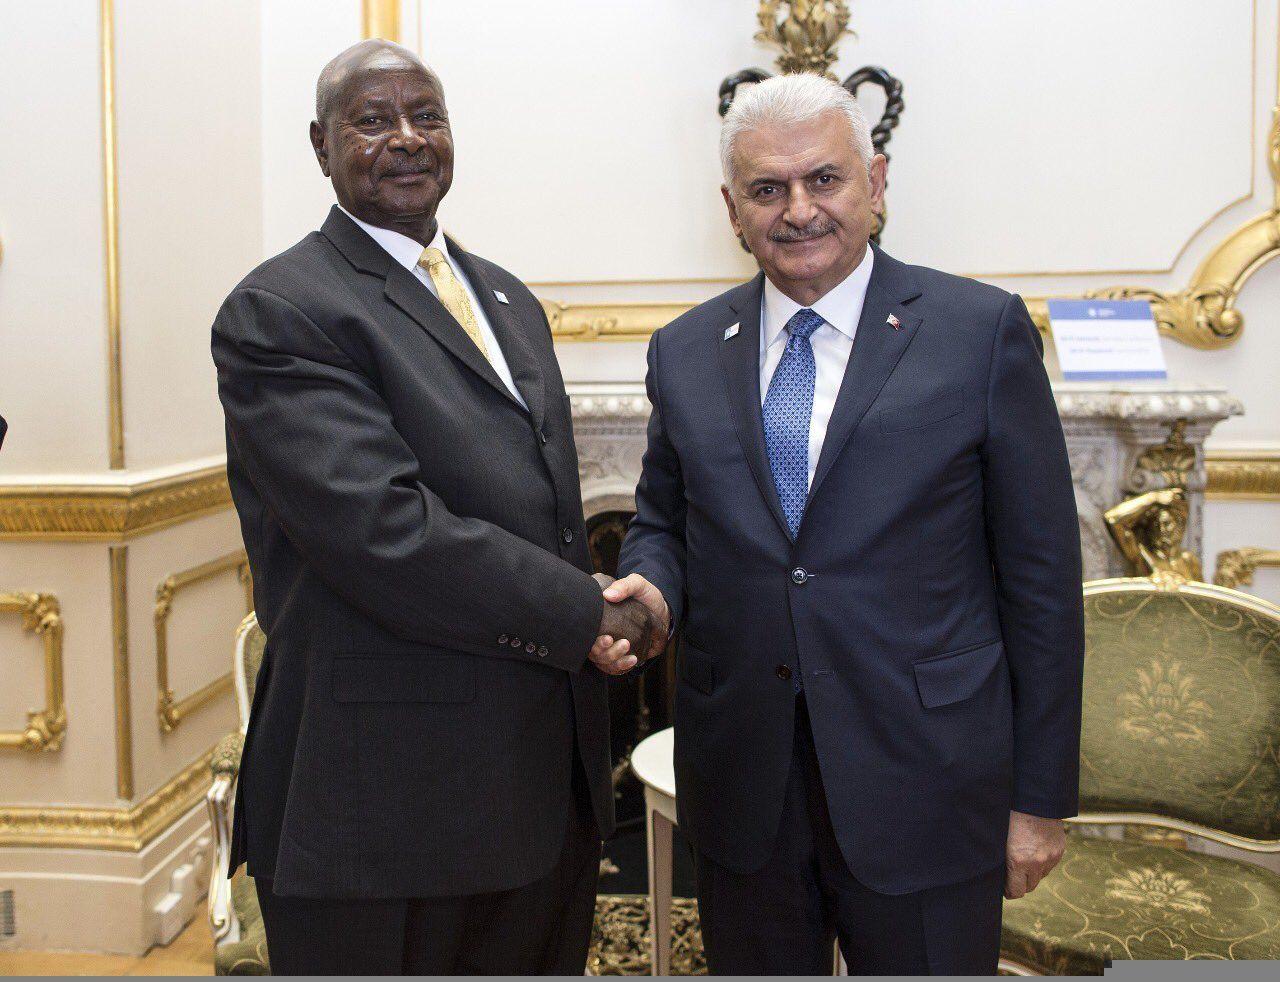 RT @TC_Basbakan: Başbakan Yıldırım Londra'da Uganda Cumhurbaşkanı @KagutaMuseveni ile görüştü. https://t.co/5ddhFuZCRb